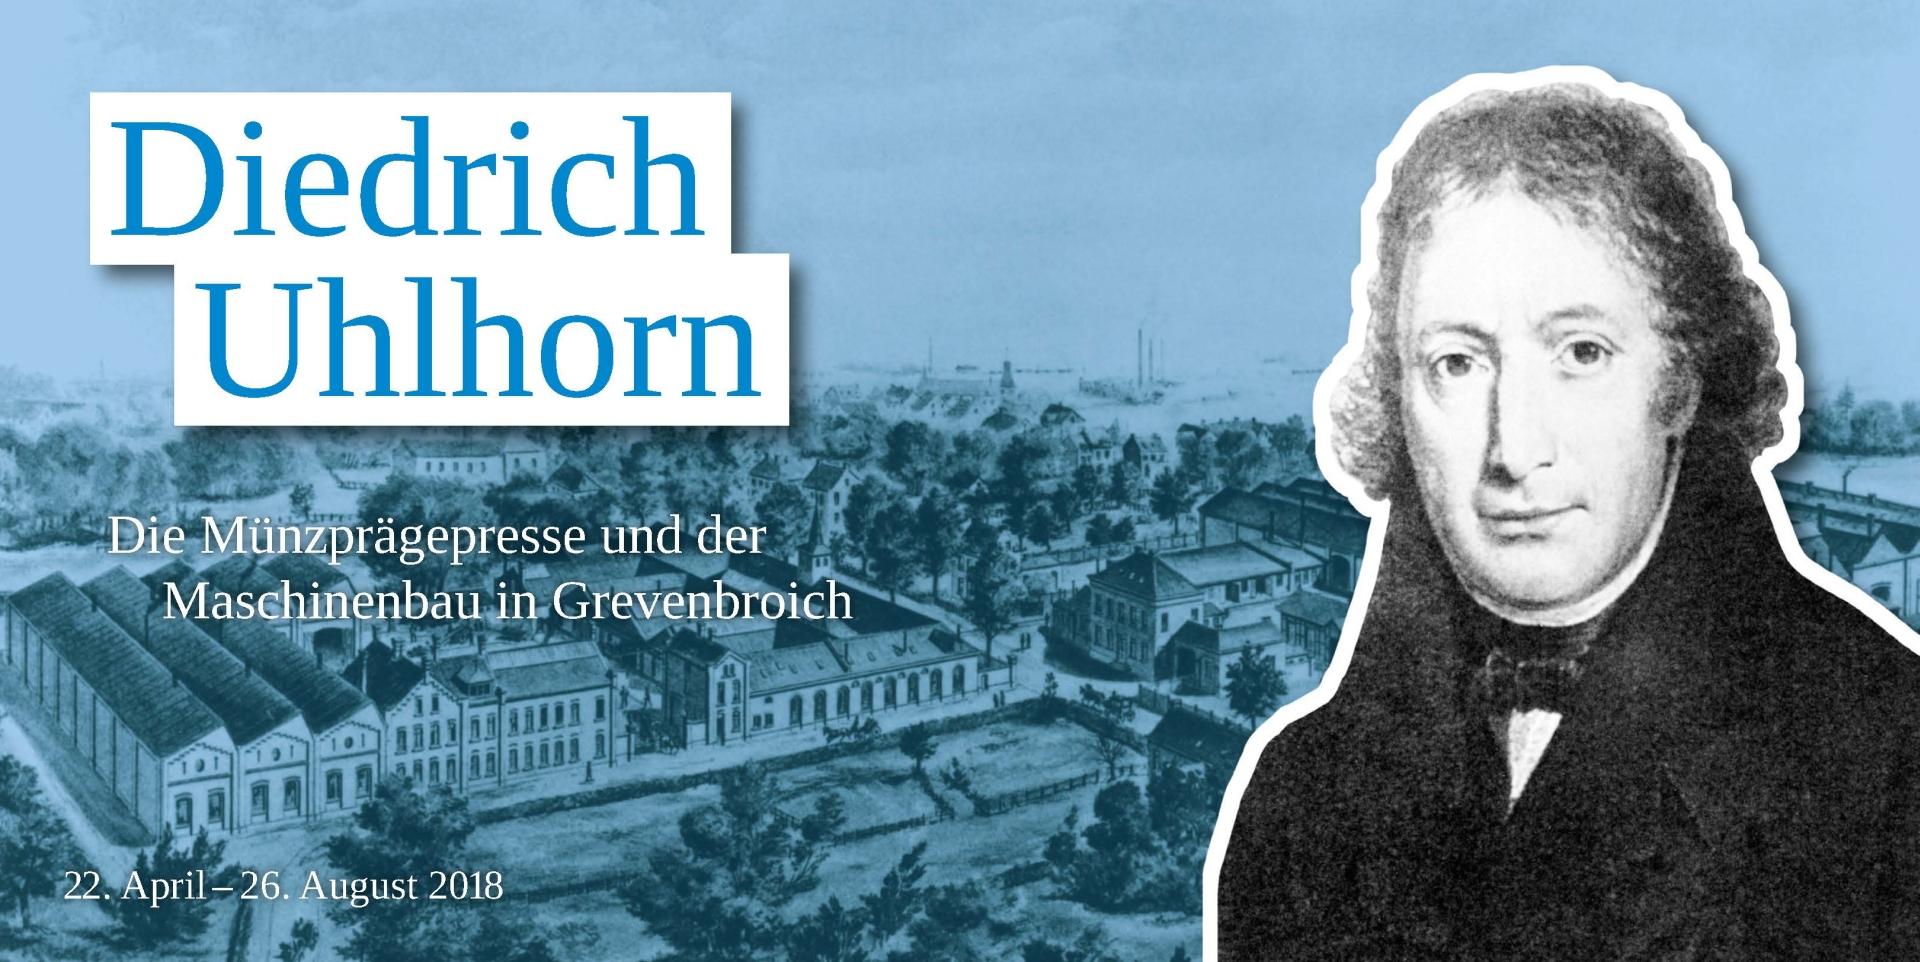 Grafik zur Diedrich Uhlhorn Ausstellung